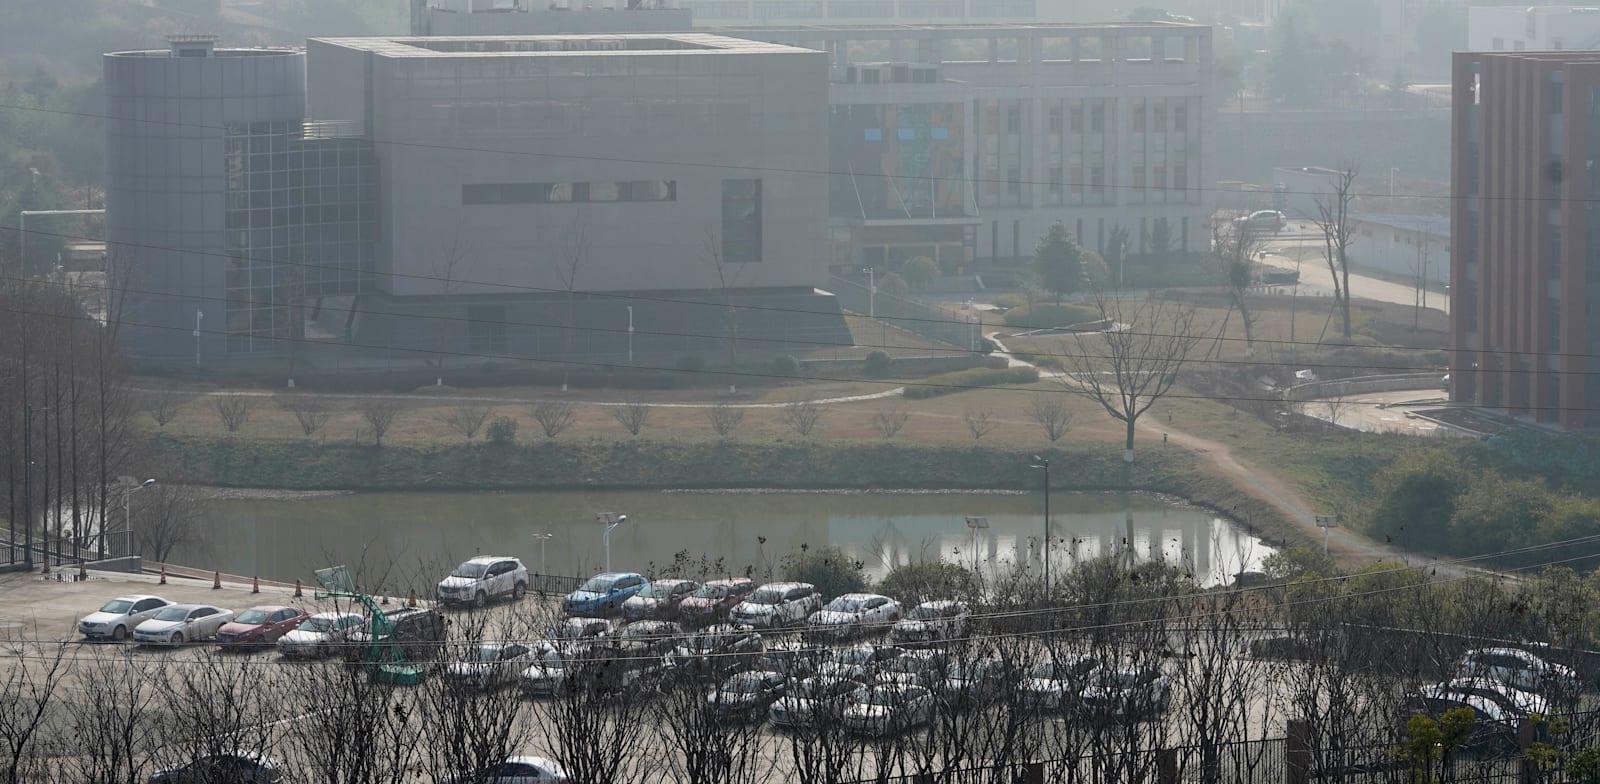 מכון ווהאן לווירולוגיה, מוקדם יותר השנה / צילום: Associated Press, Ng Han Guan